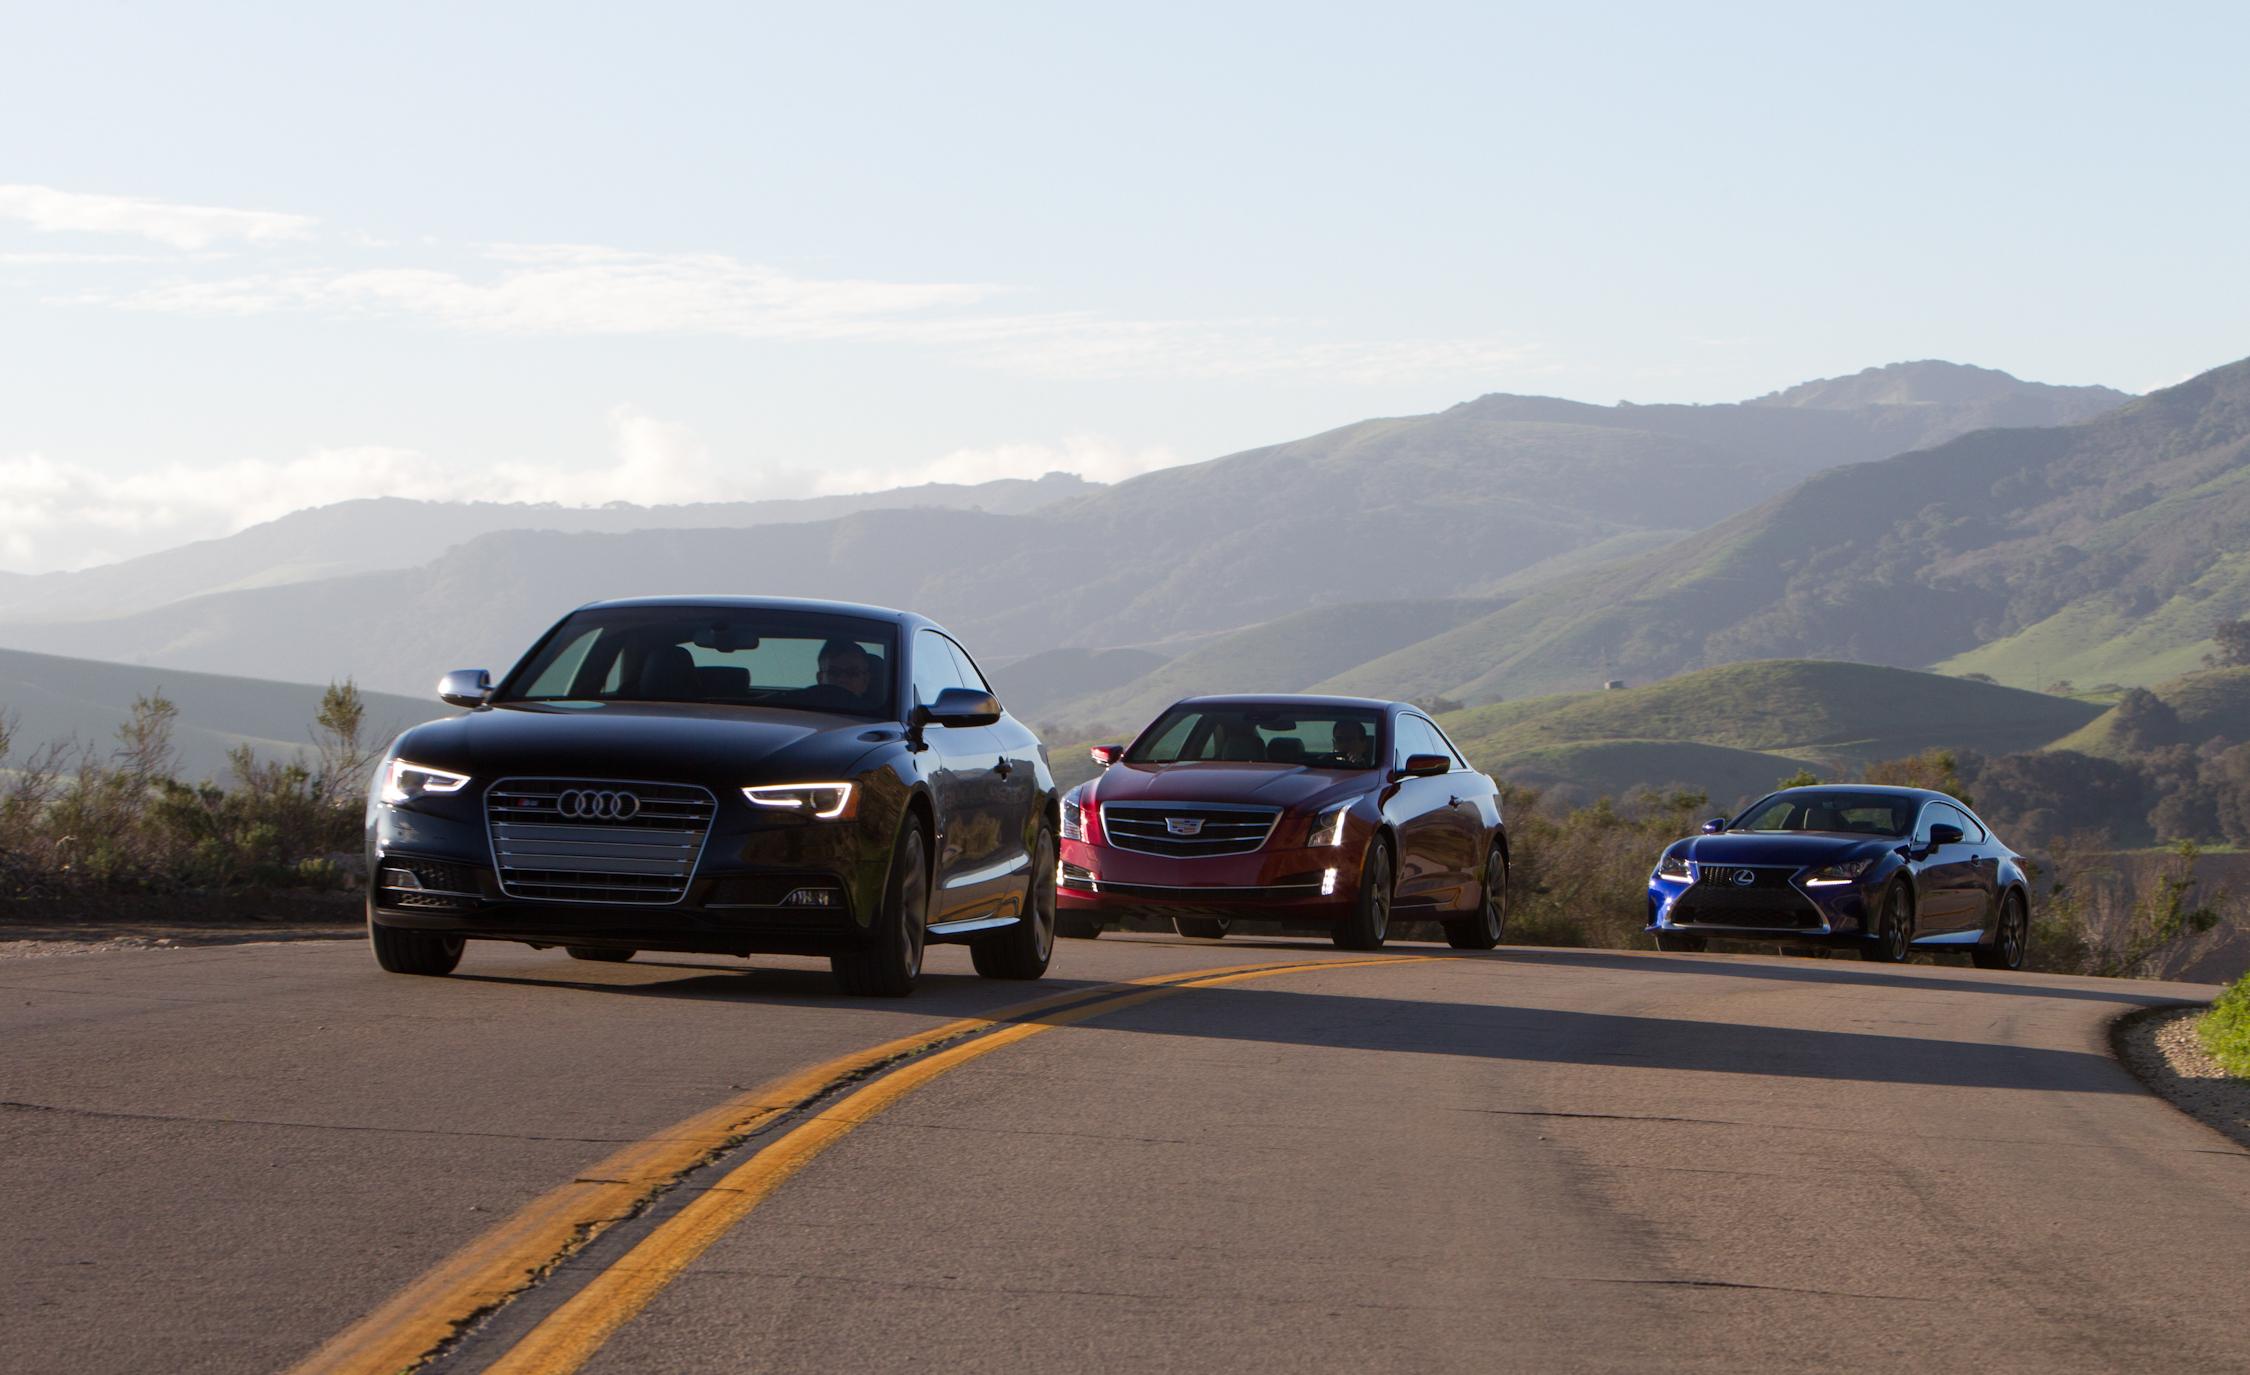 Comparison 2015 Audi S5 vs 2015 Cadillac ATS Coupe 3.6 vs 2015 Lexus RC350 F